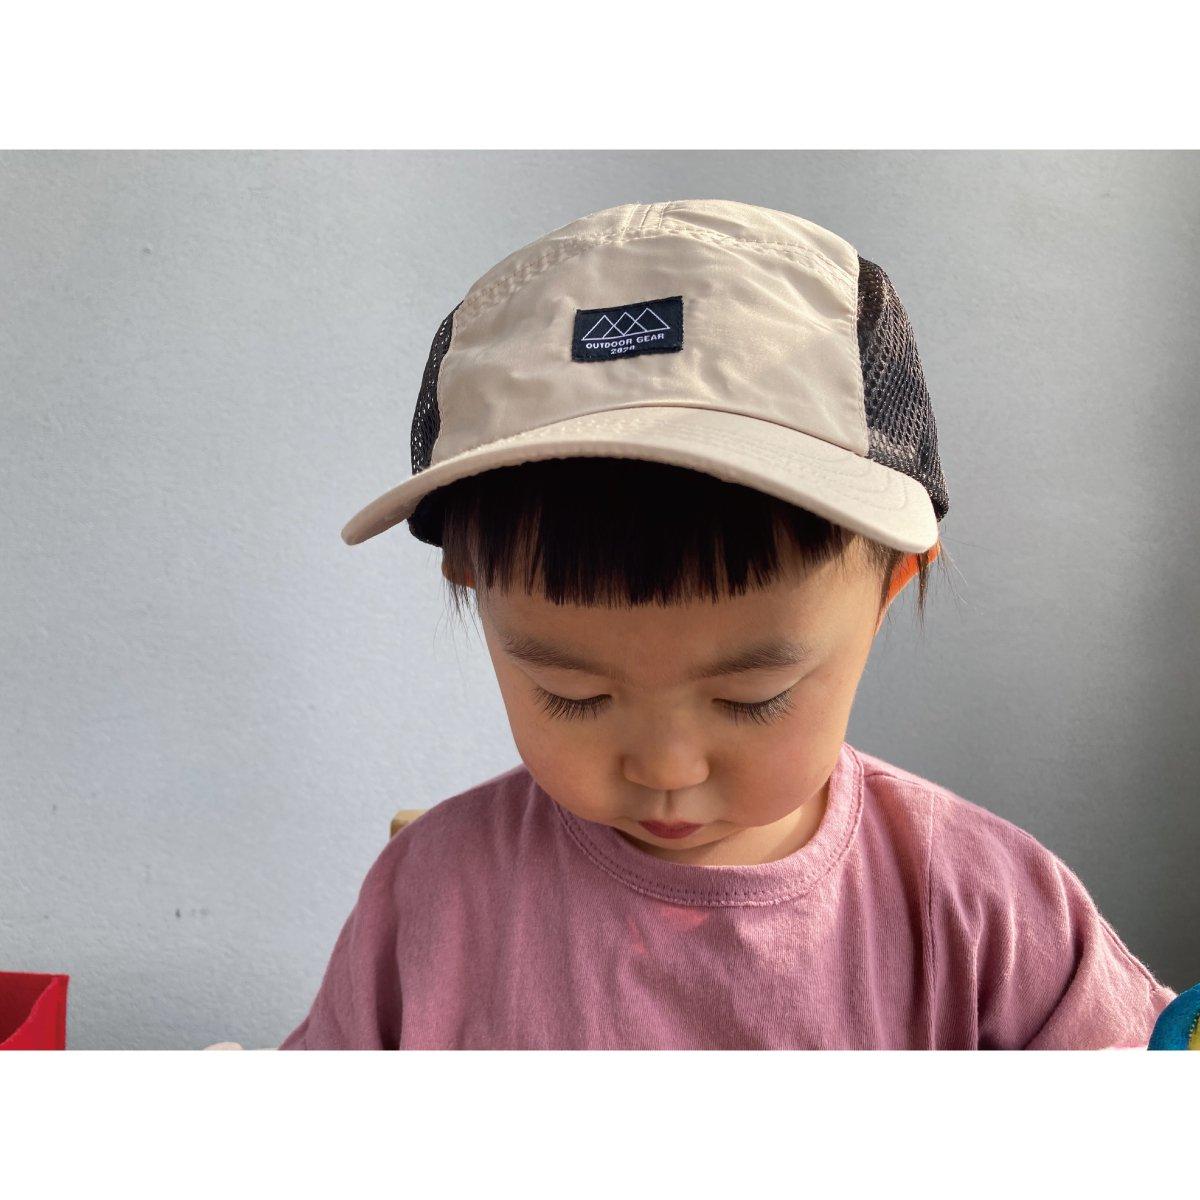 【KIDS】Kids Gear Jet Cap 詳細画像15